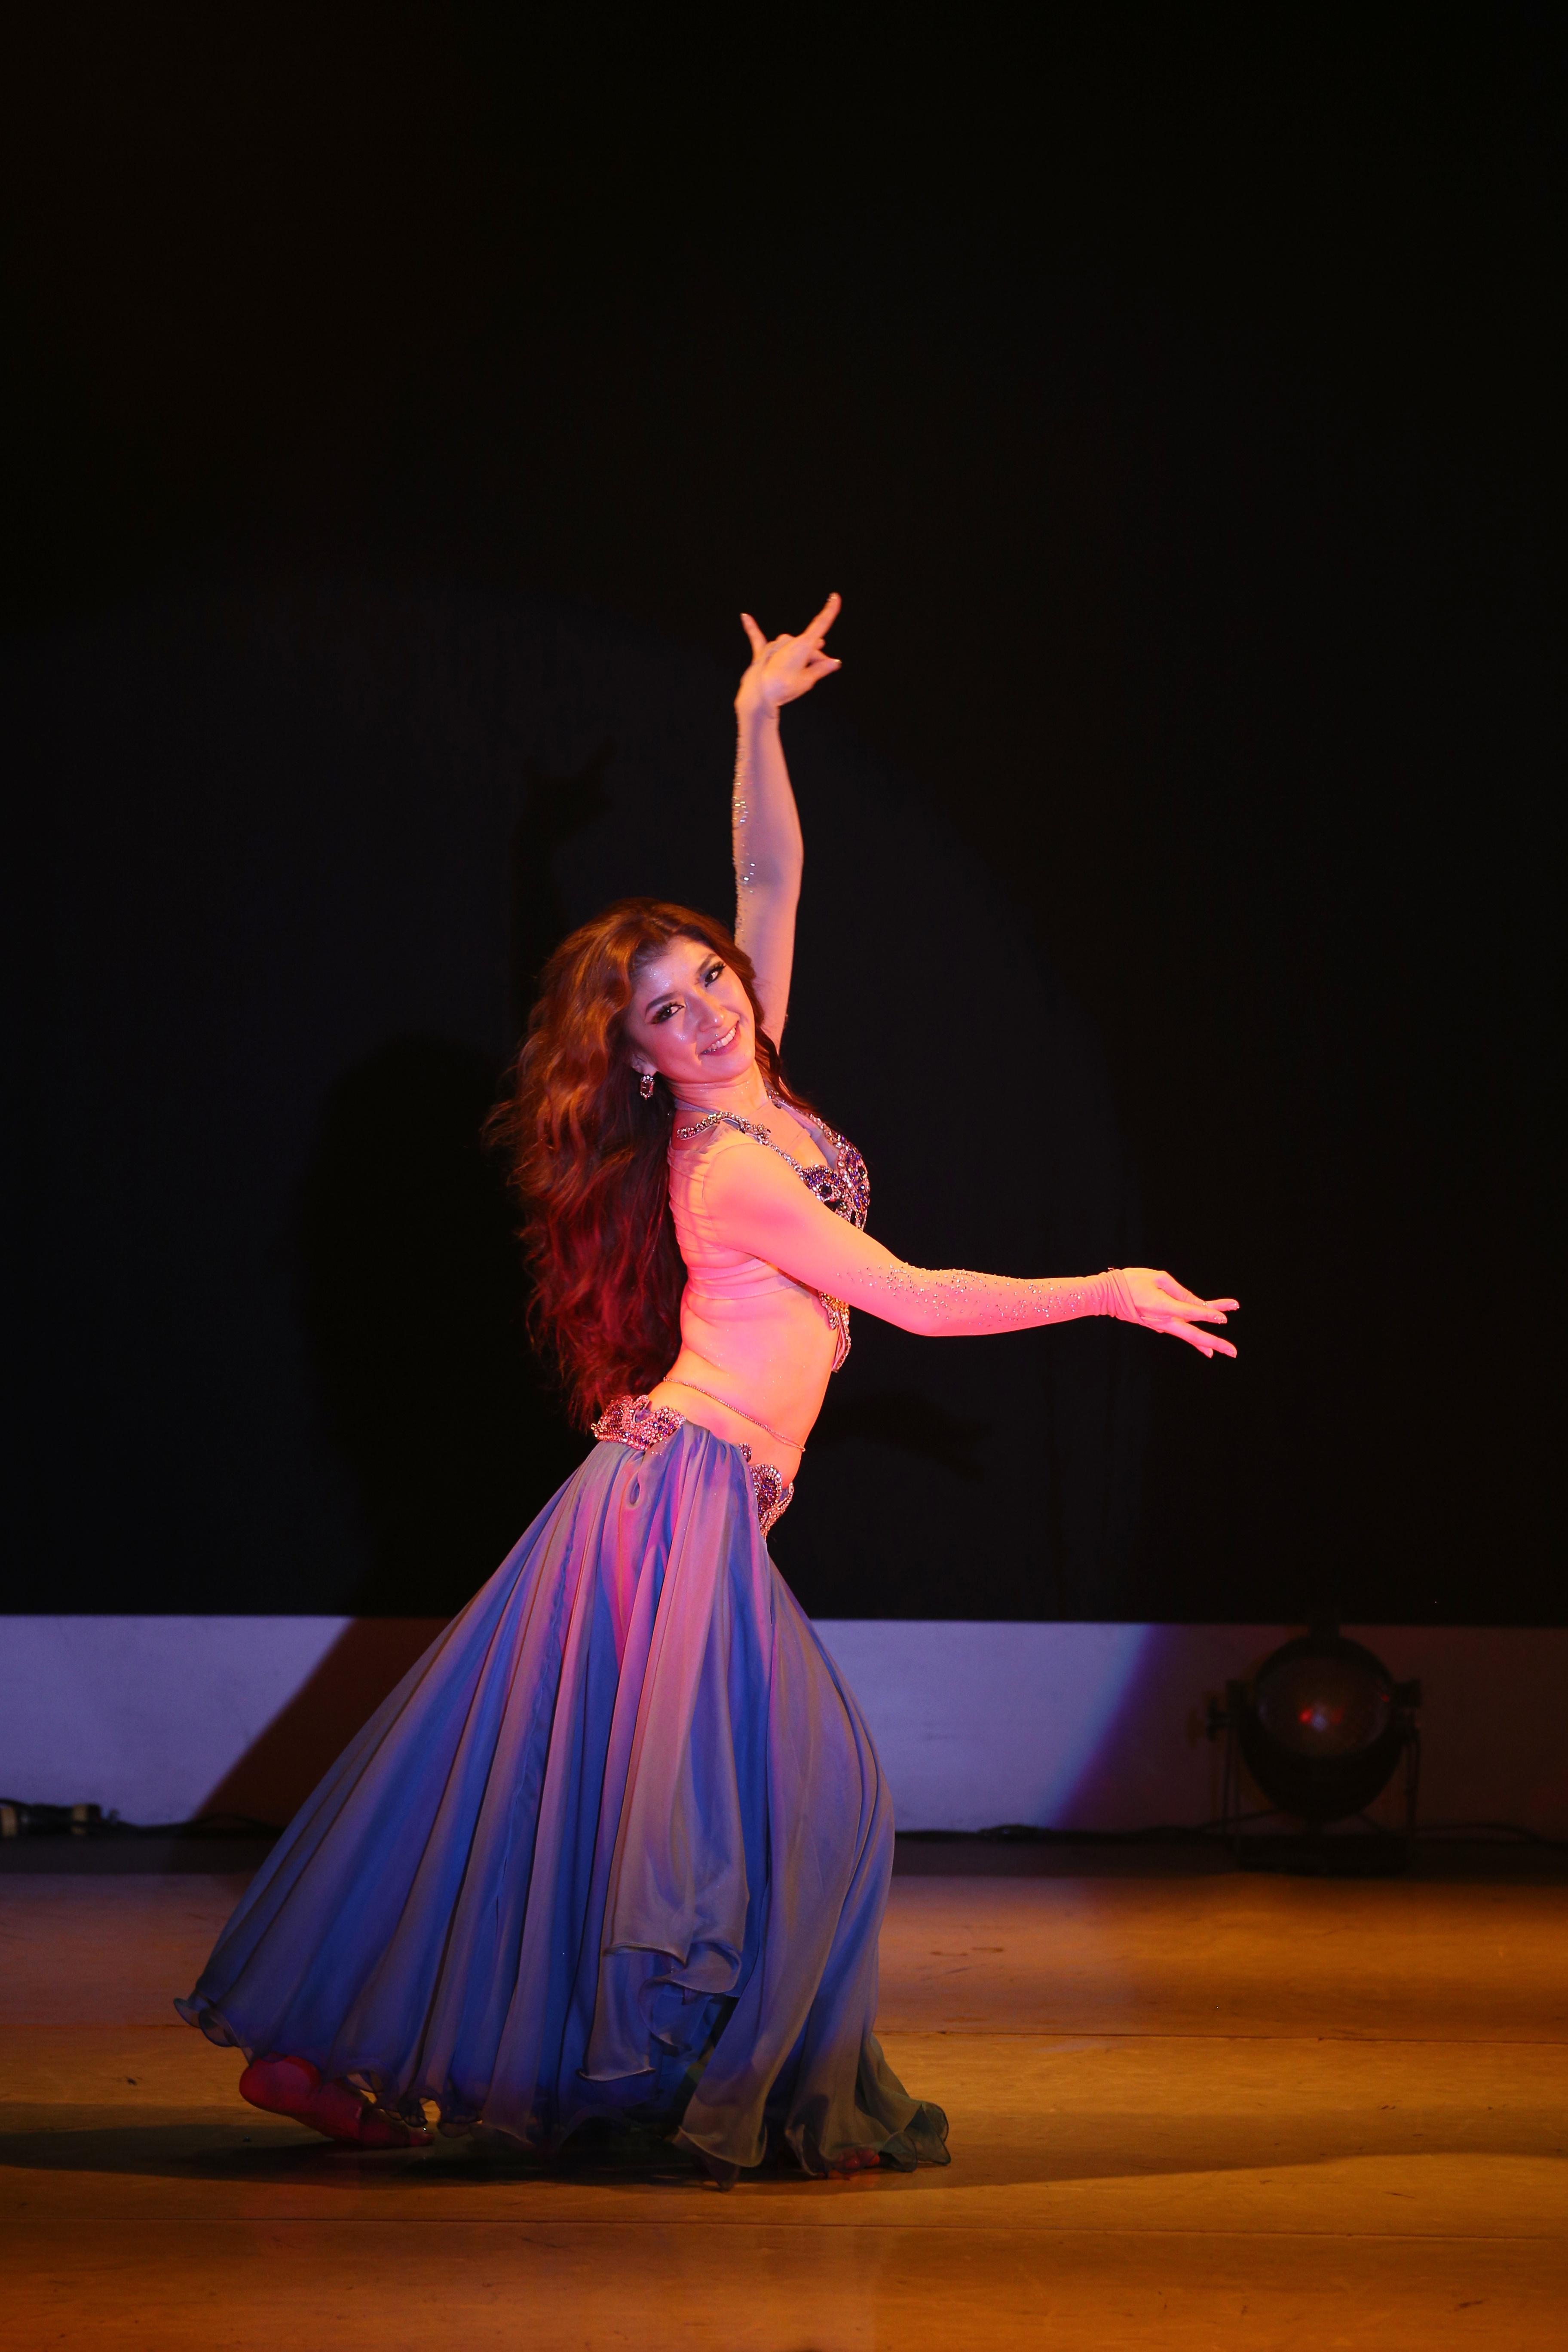 ベリーダンスインストラクター:Mai